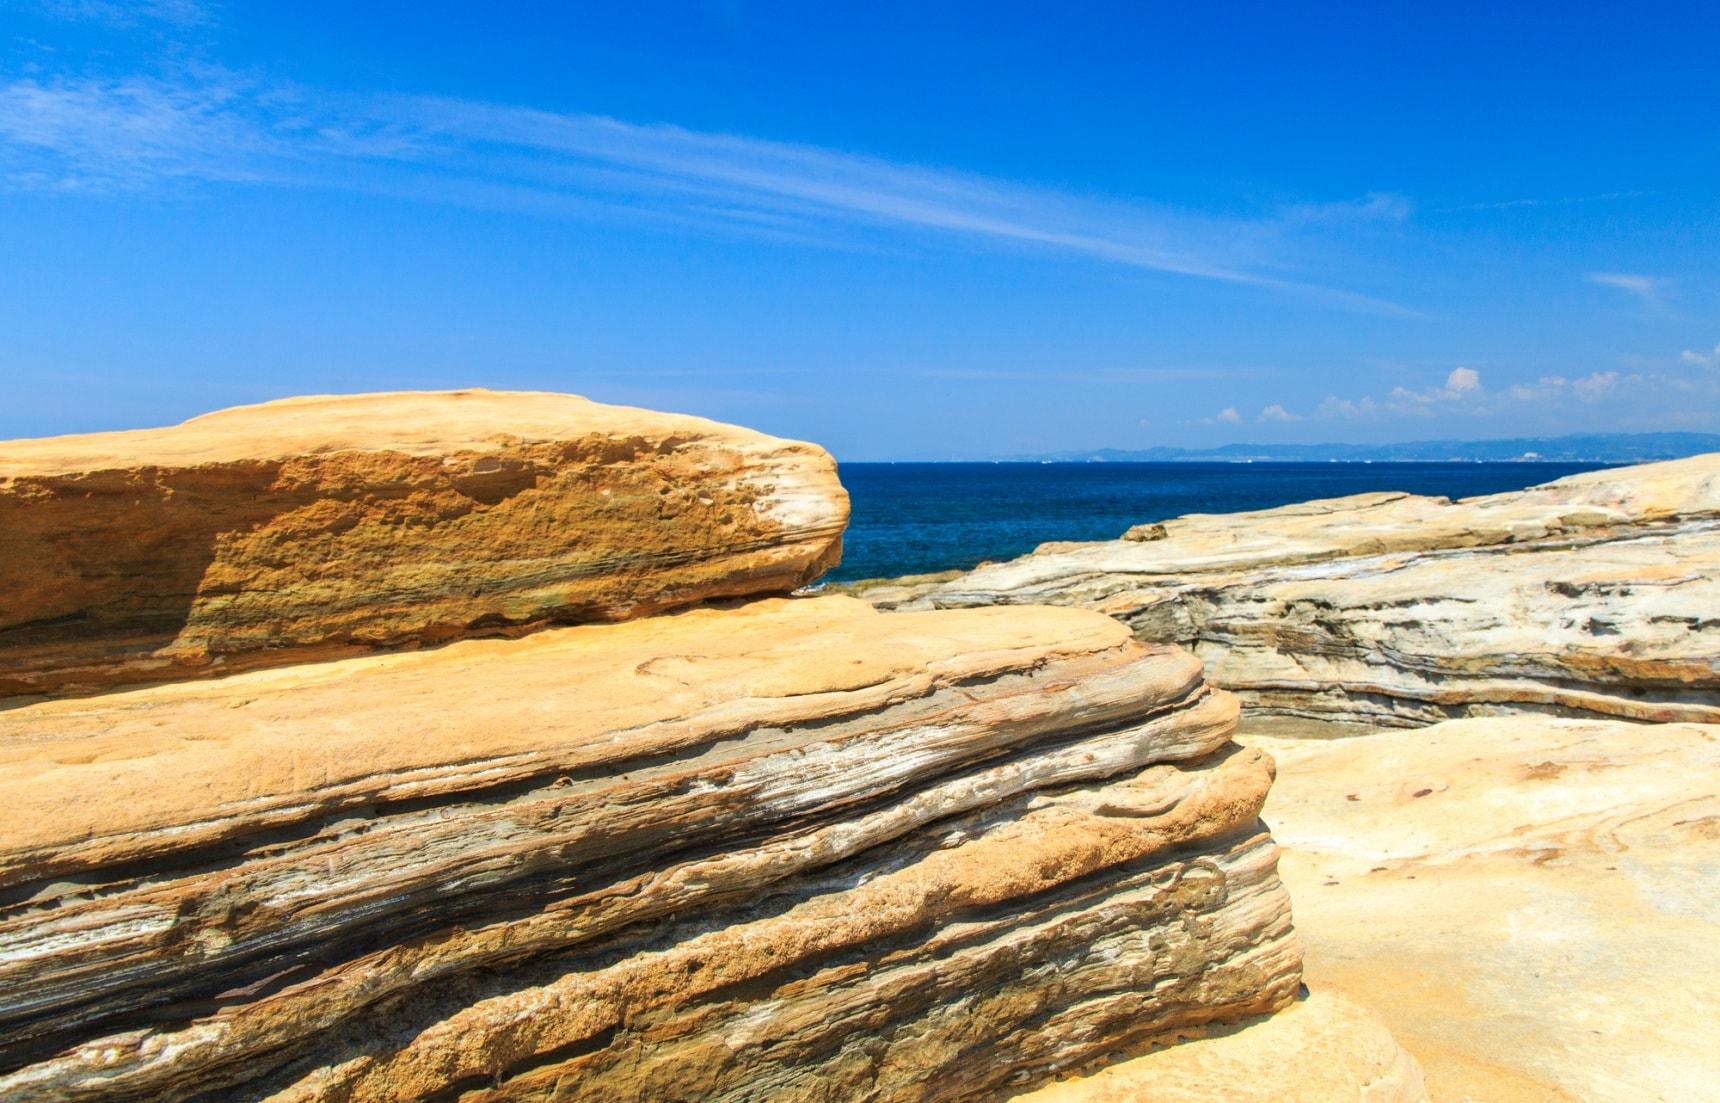 10 ทิวทัศน์ธรรมชาติที่น่าไปเยือนภูมิภาคคันไซ